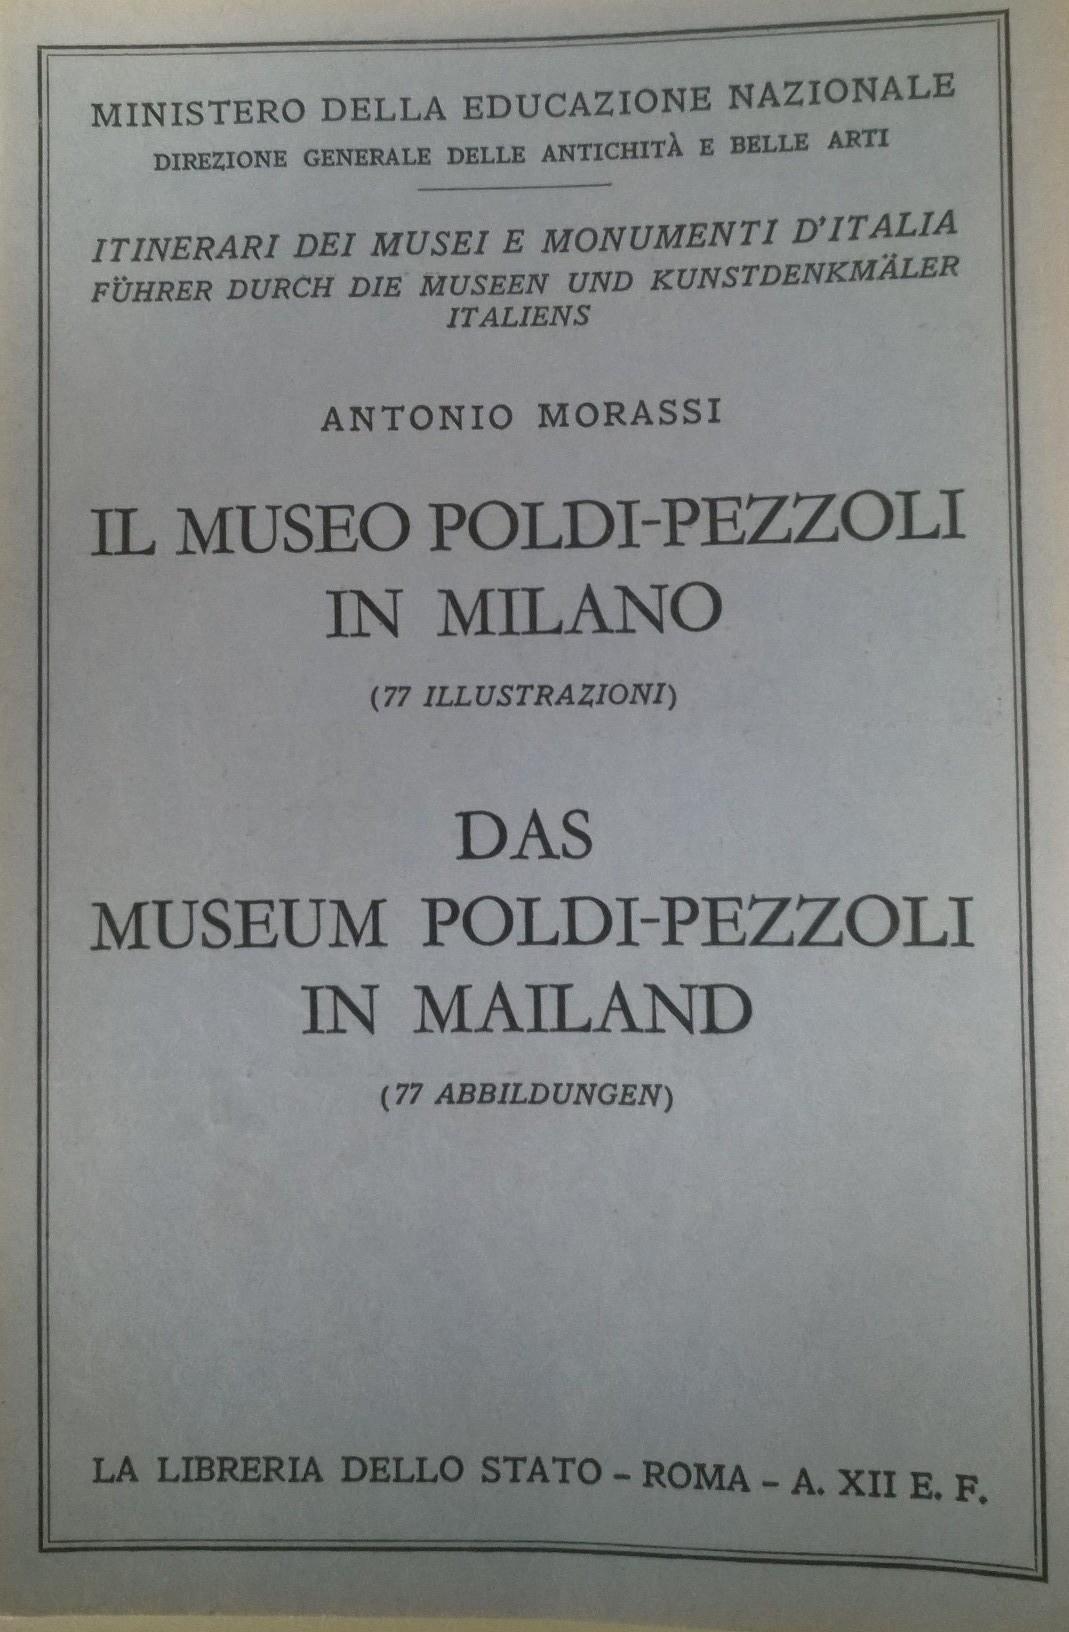 Il Museo Poldi-Pezzoli in Milano